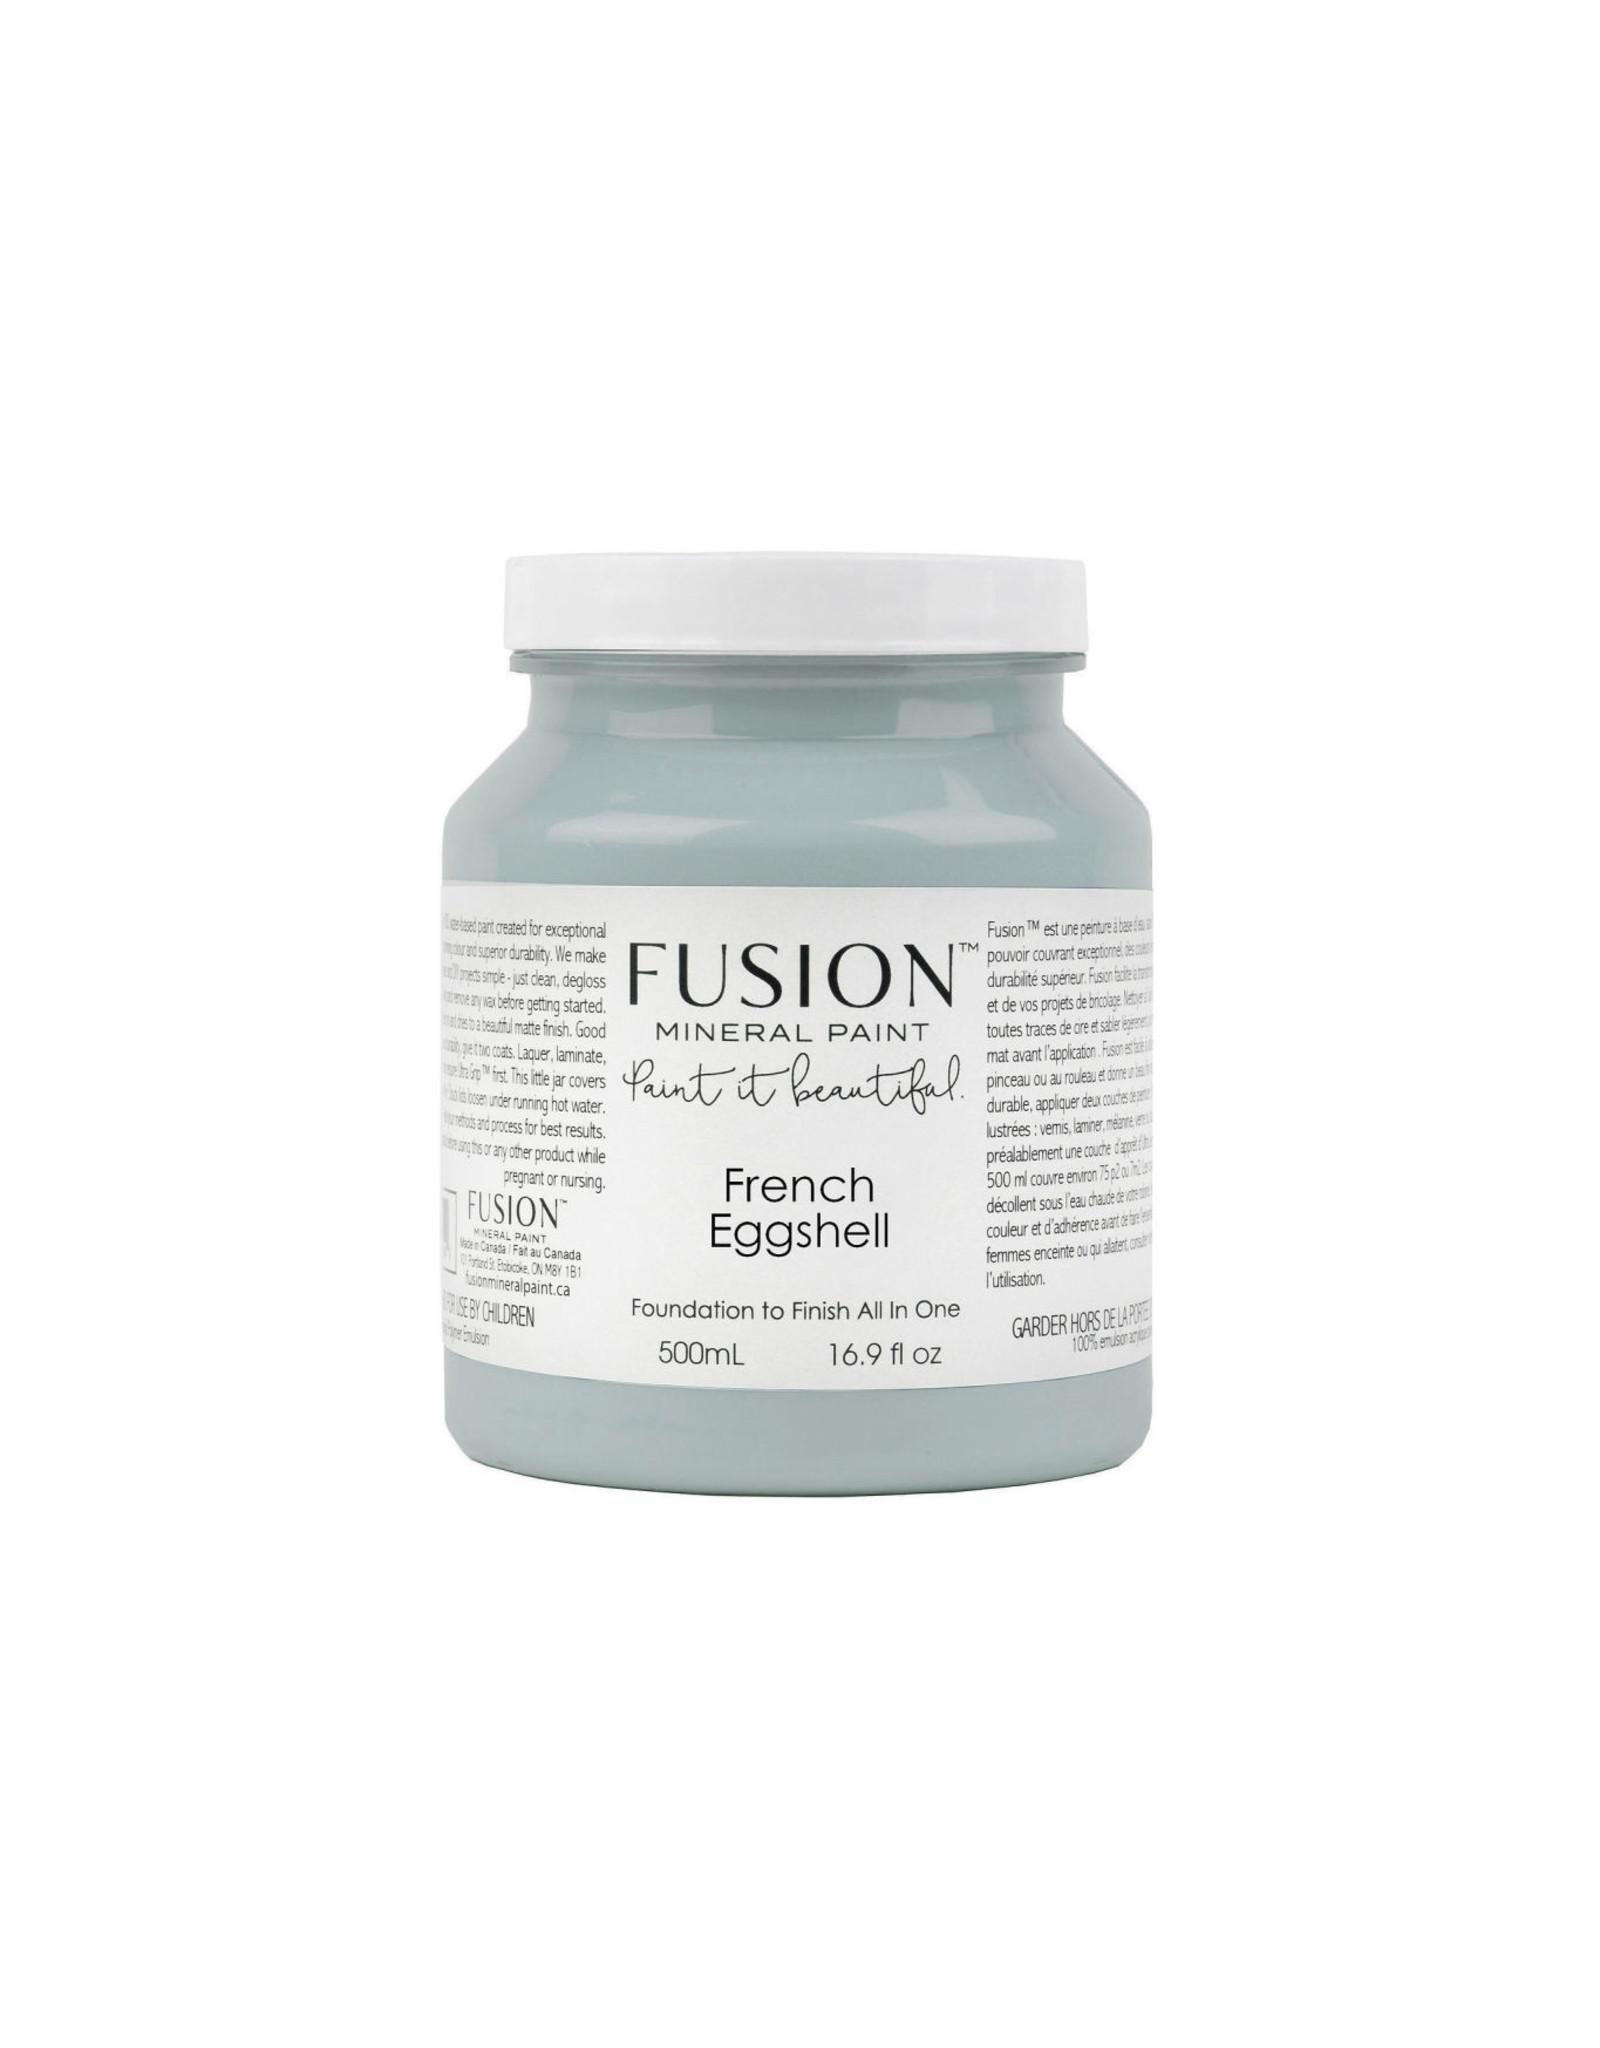 Fusion Mineral Paint Fusion Mineral Paint - French Eggshell 500ml